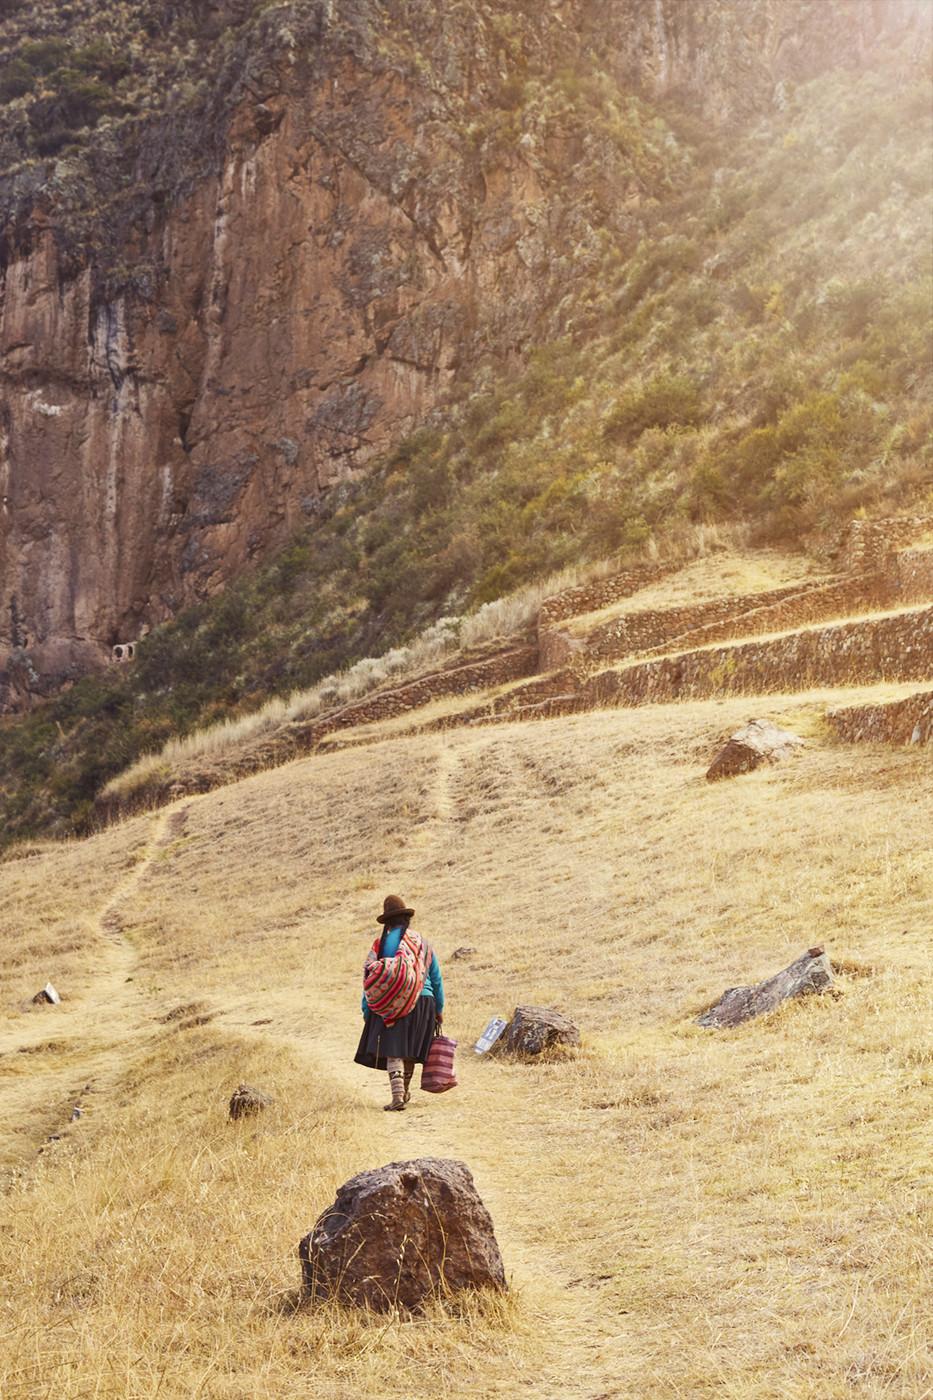 Die Peruanerin läuft entlang der Terrassen der Pisac Ruinen. Sie ist auf dem Weg nach Hause in den Ort Pisac unterhalb der peruanischen Ruinen